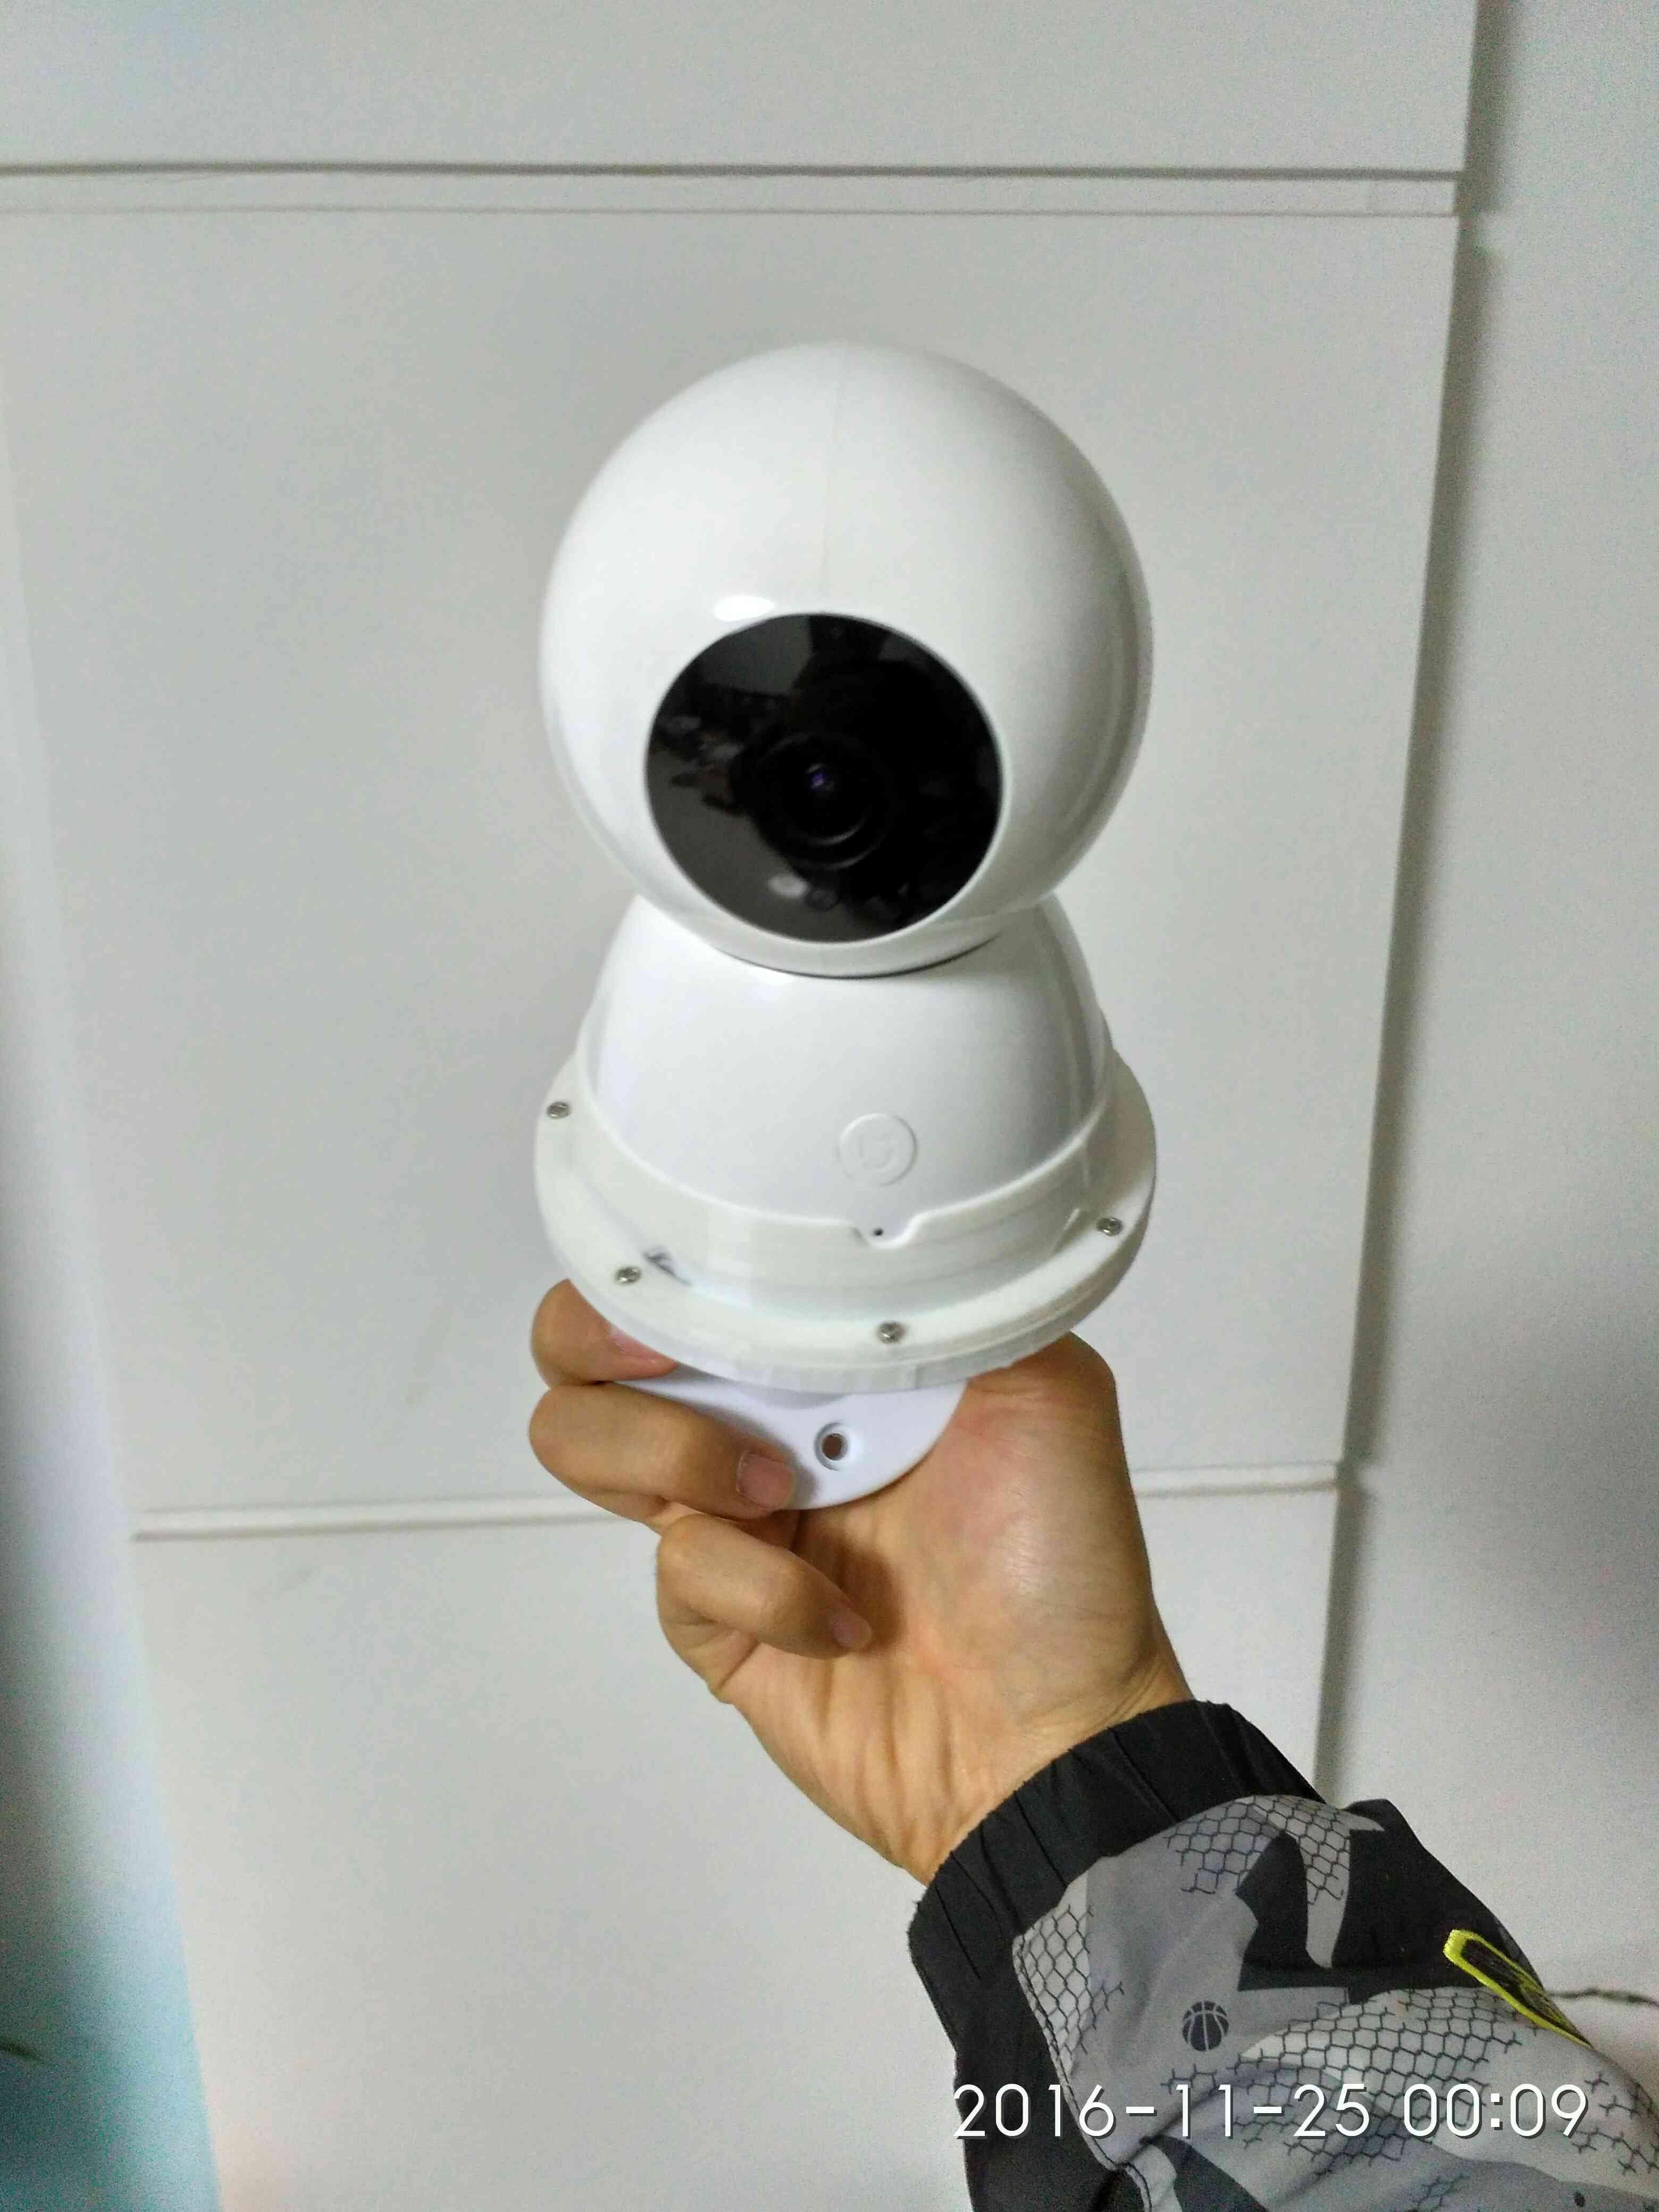 小米米家小白智能摄像机支架小白支架小米支架小蚁固定上墙壁顶装